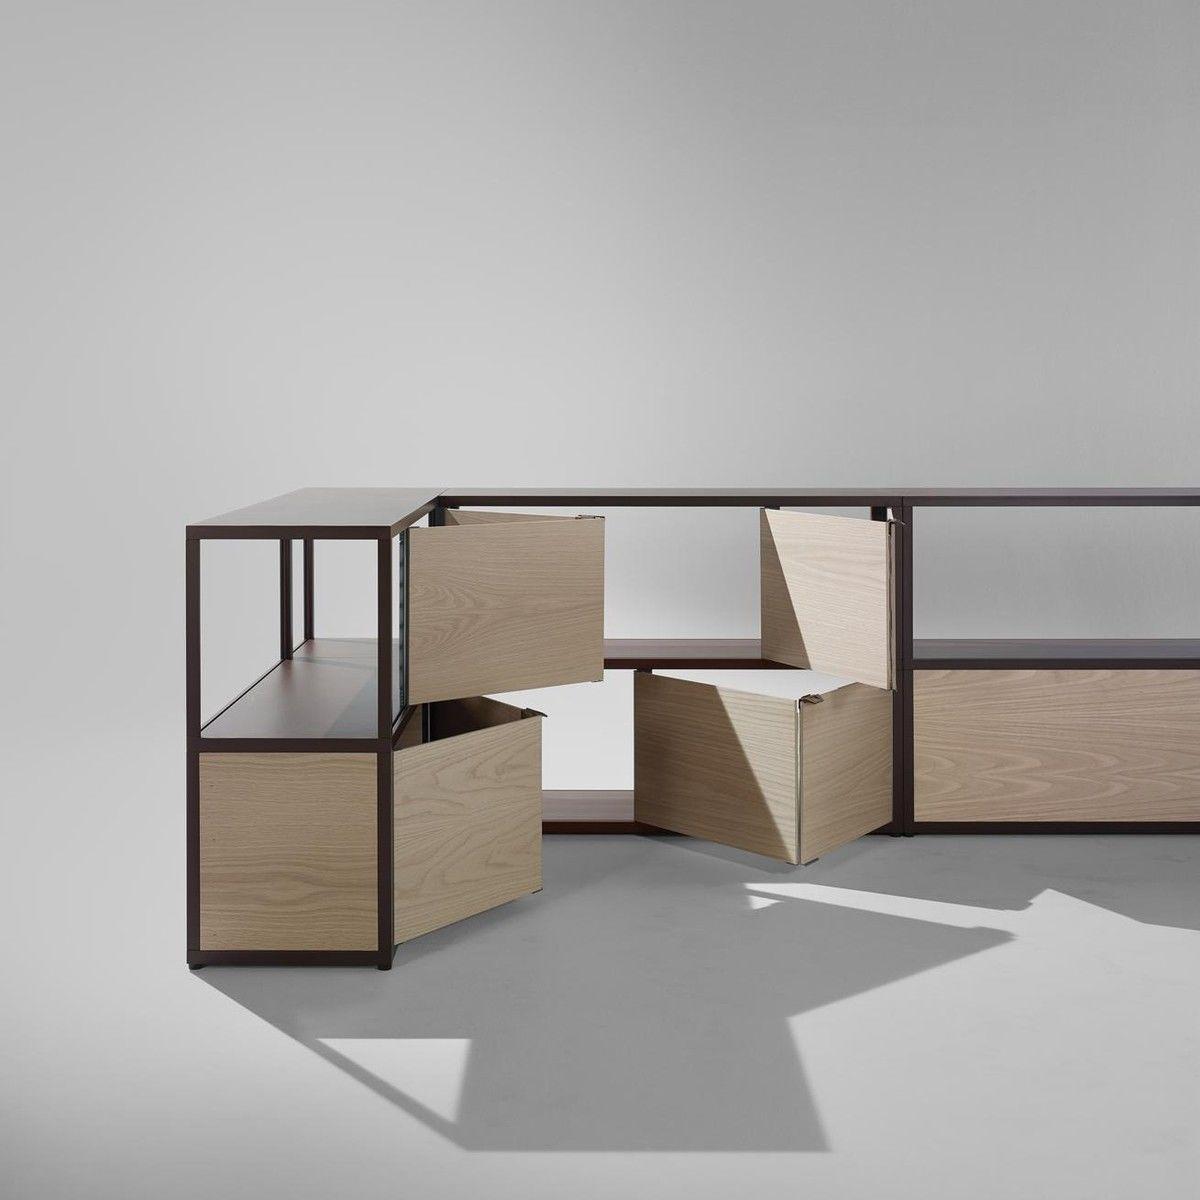 Order Furniture: New Order Shelf With Door 100x115cm